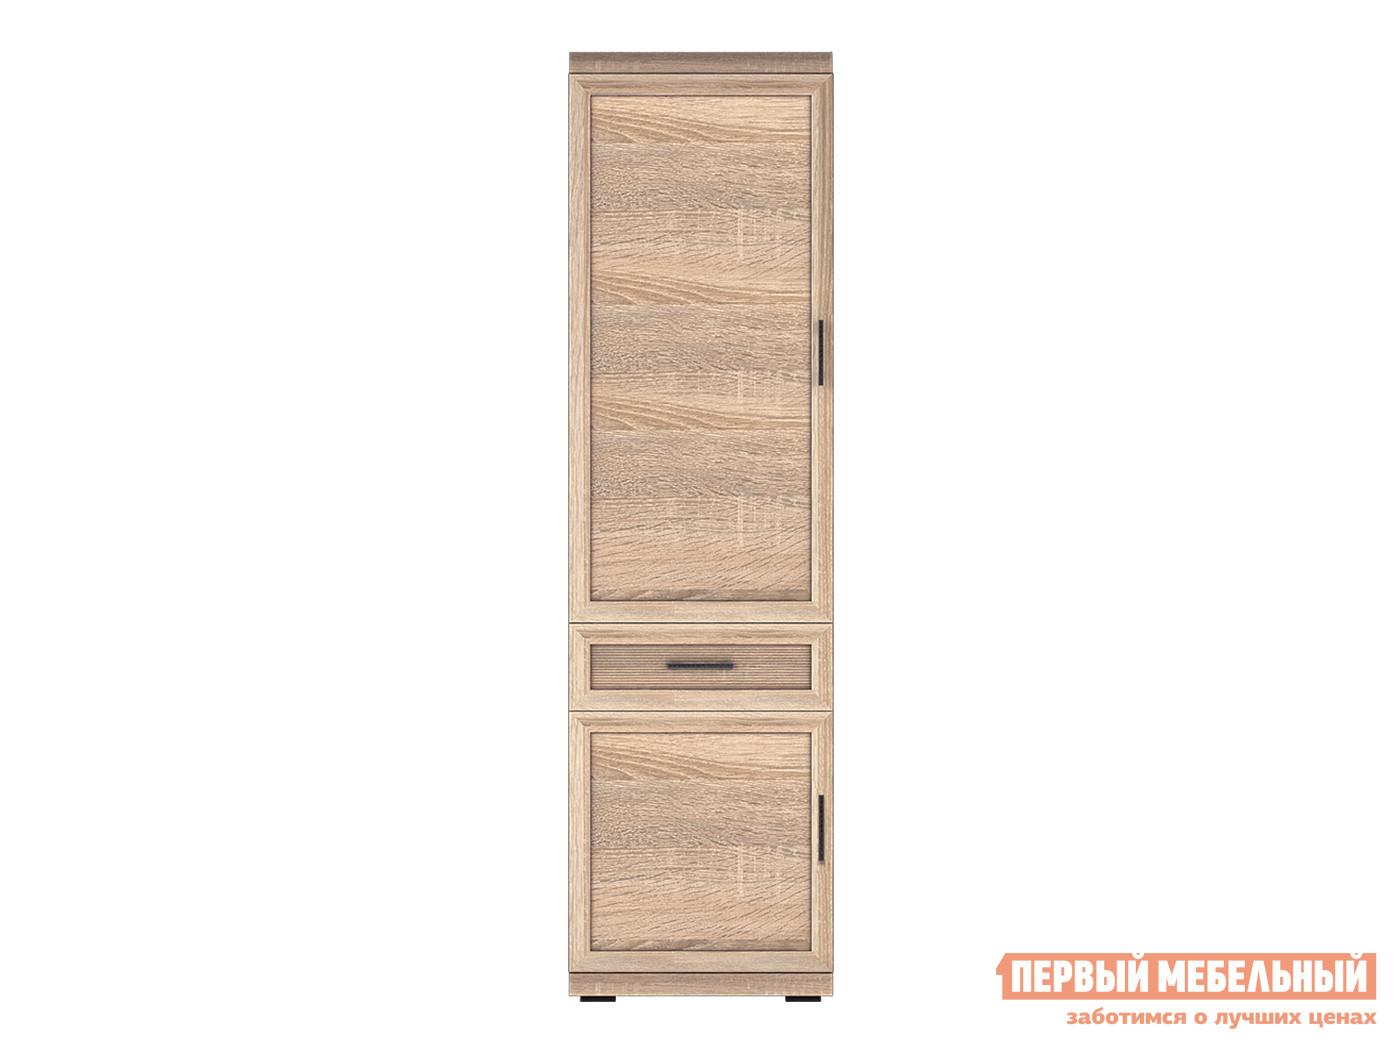 Шкаф Первый Мебельный Вега Прованс 10 шкаф комбинированный прованс нм 009 17